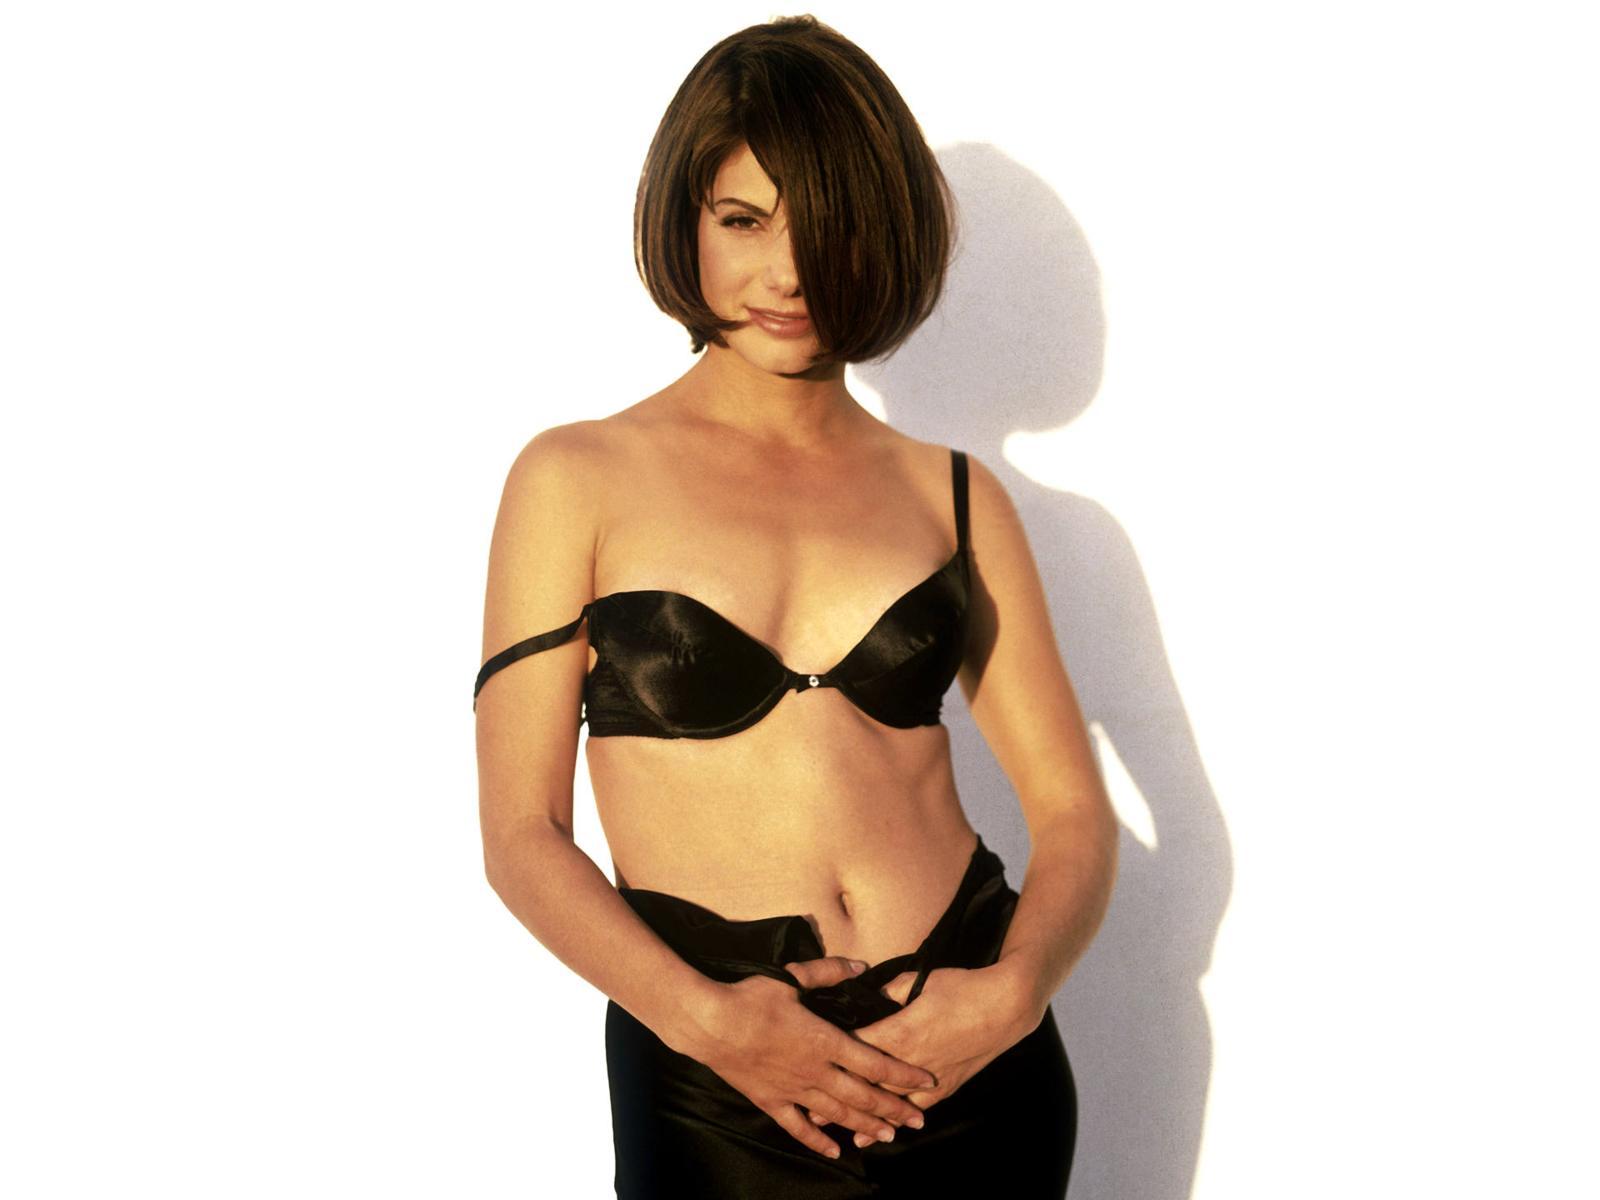 http://1.bp.blogspot.com/-ZK8HNvQk46E/Tow0p-gPSAI/AAAAAAAAAHM/SX6iLrcWFfE/s1600/Sandra_Bullock_Wallpapers-Beauty%2B%25285%2529.jpg